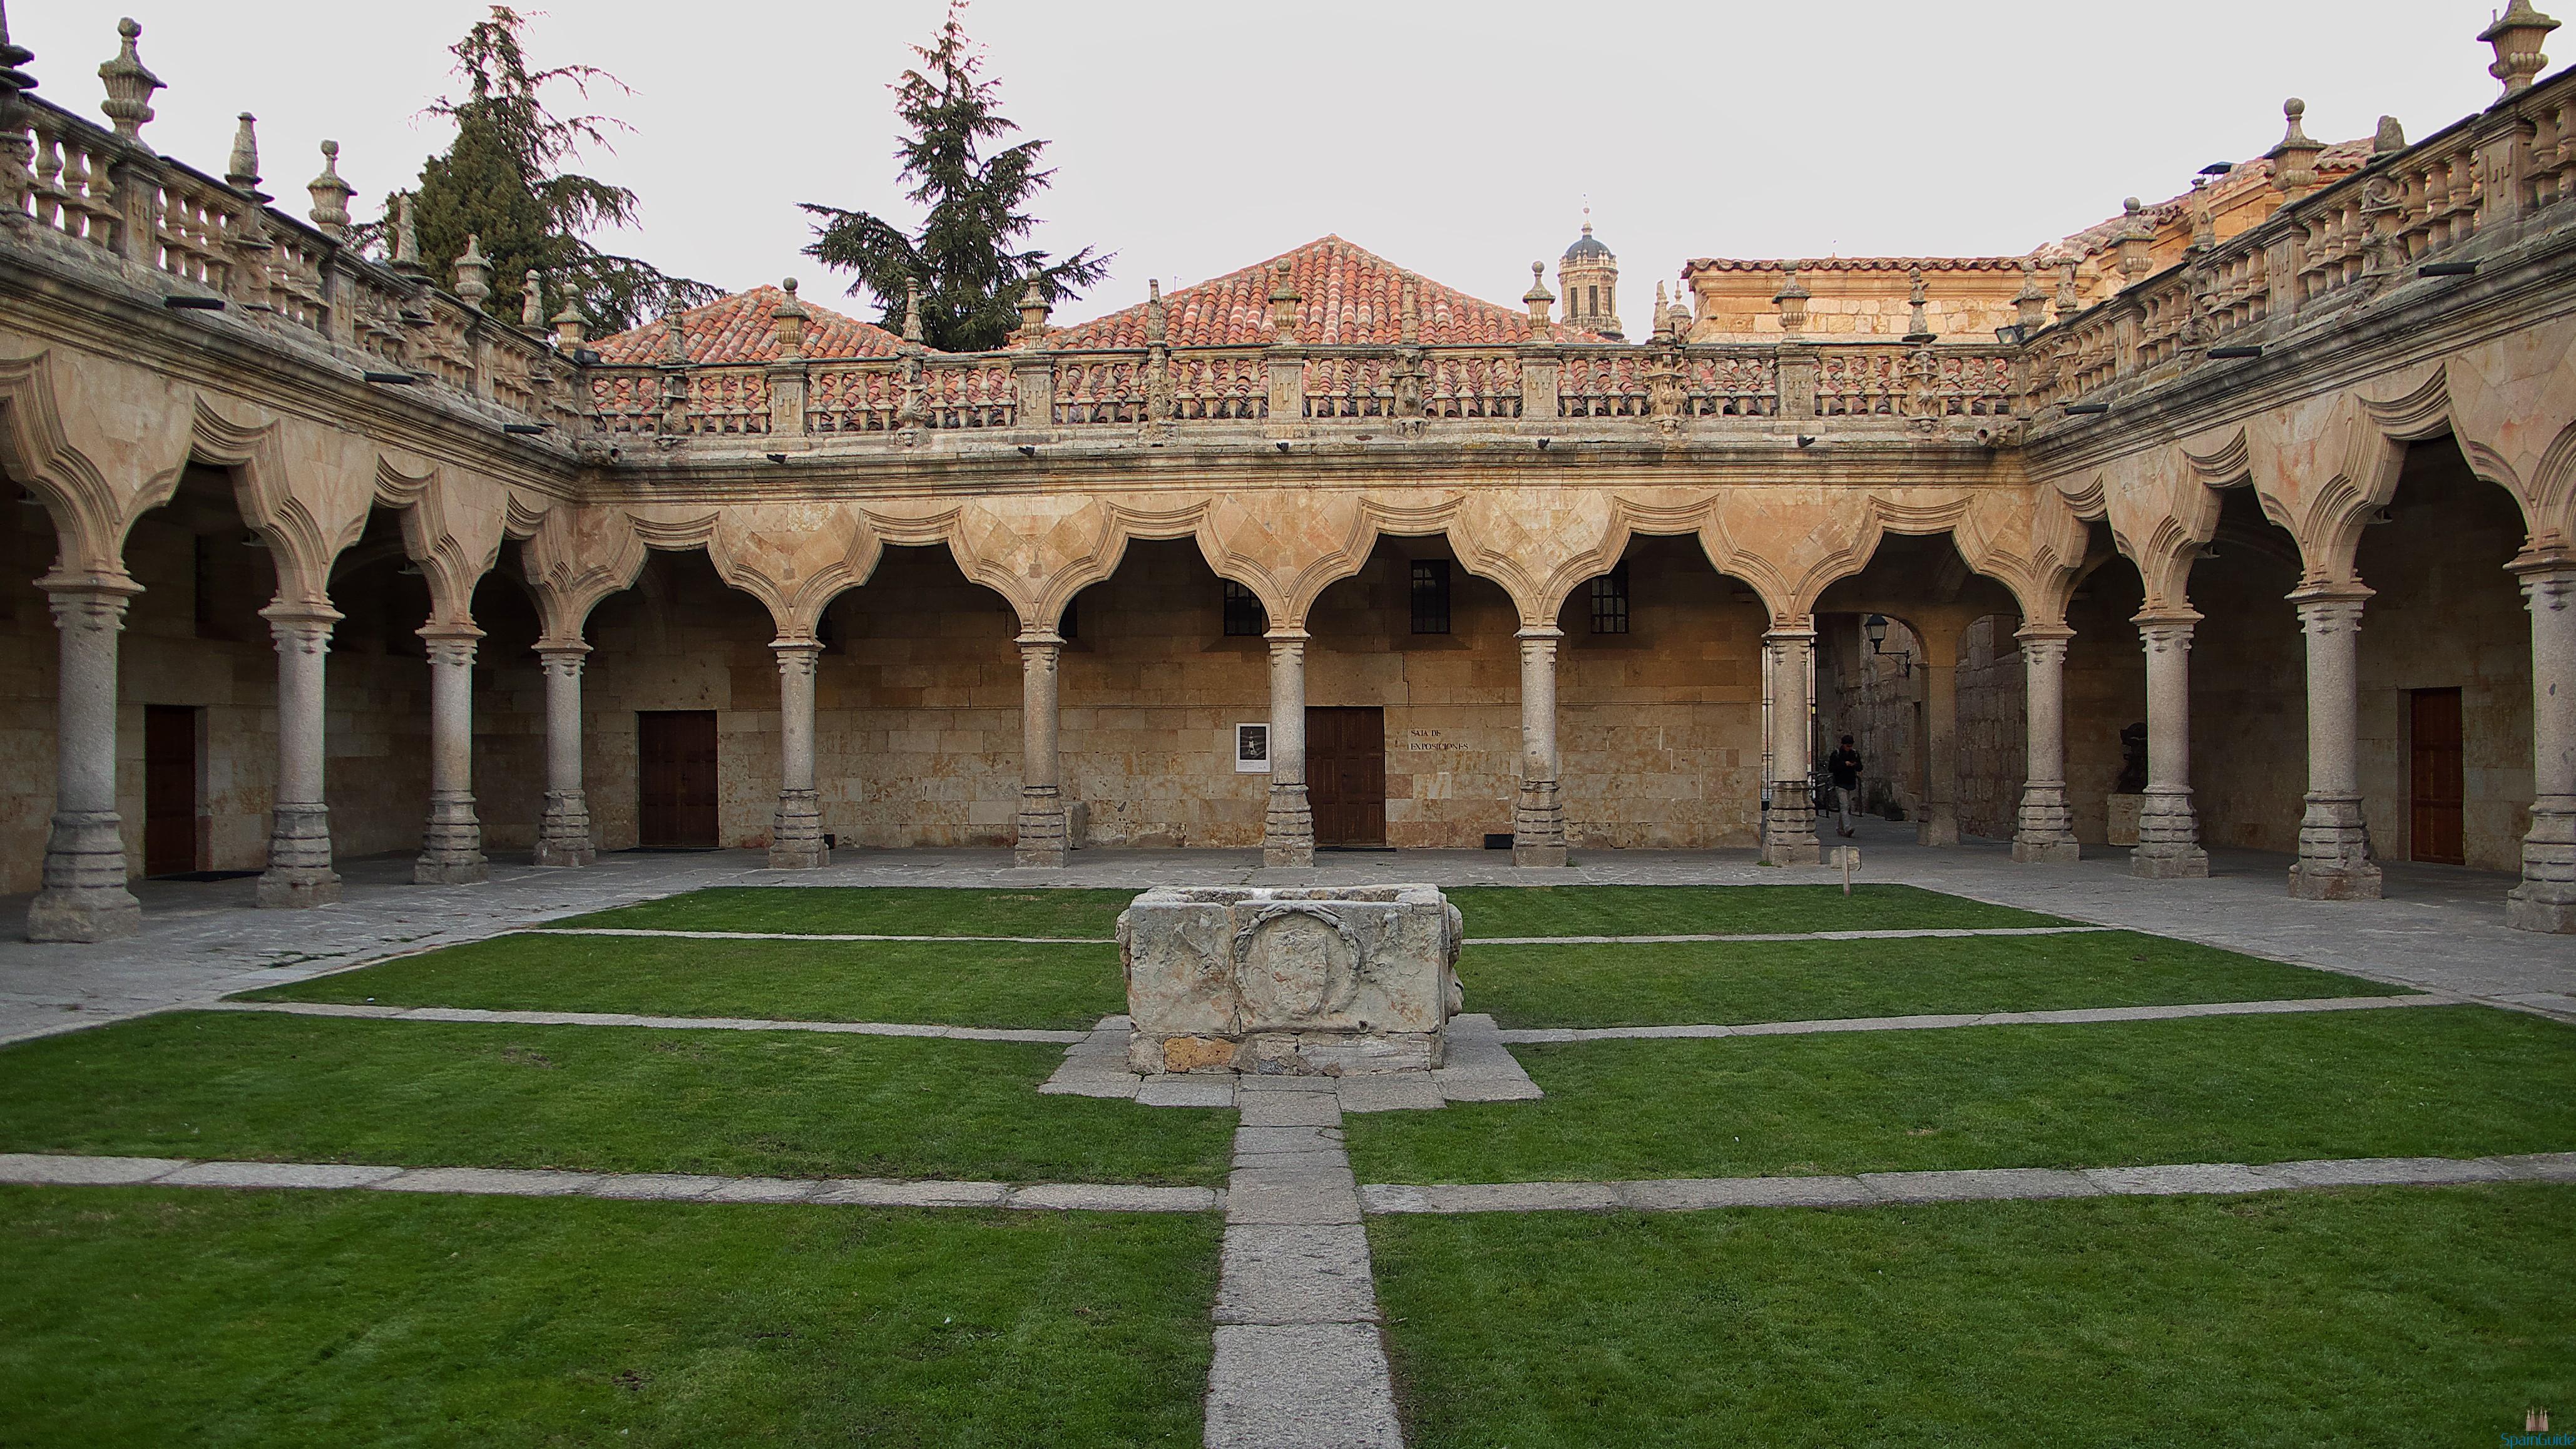 Patio_de_las_Escuelas_Menores_(Salamanca)